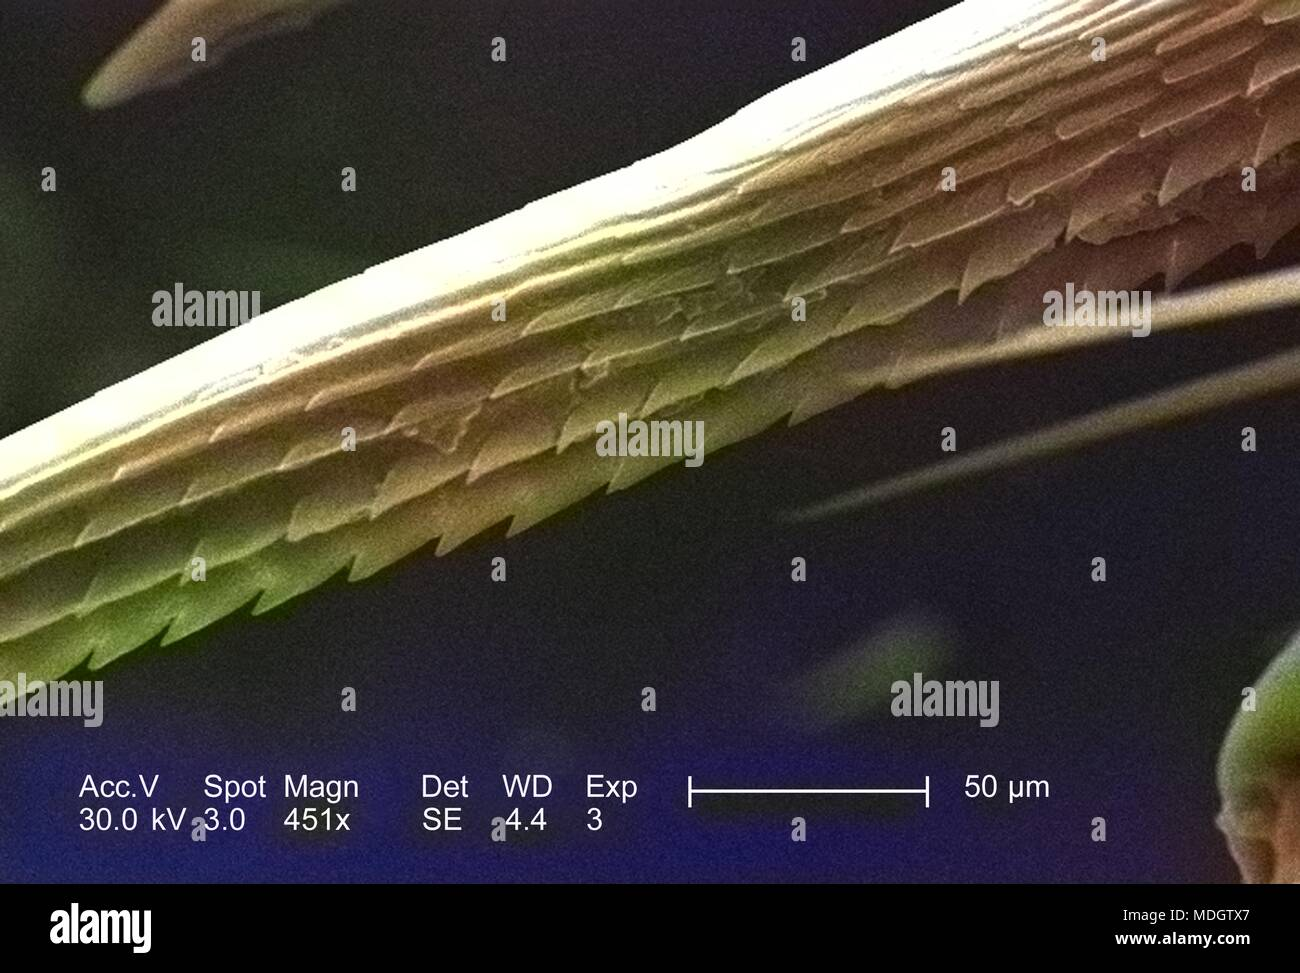 Morfologia anatomica in exoskeletal adnexal barba da un misterioso roach, raffigurato nella 451x di scansione ingrandita al microscopio elettronico (SEM) immagine, 2005. Immagine cortesia di centri per il controllo delle malattie (CDC) / Janice Haney Carr, Connie fiori. Nota: l'immagine è stato colorizzato digitalmente usando un processo moderno. I colori possono non essere scientificamente accurate. () Immagini Stock